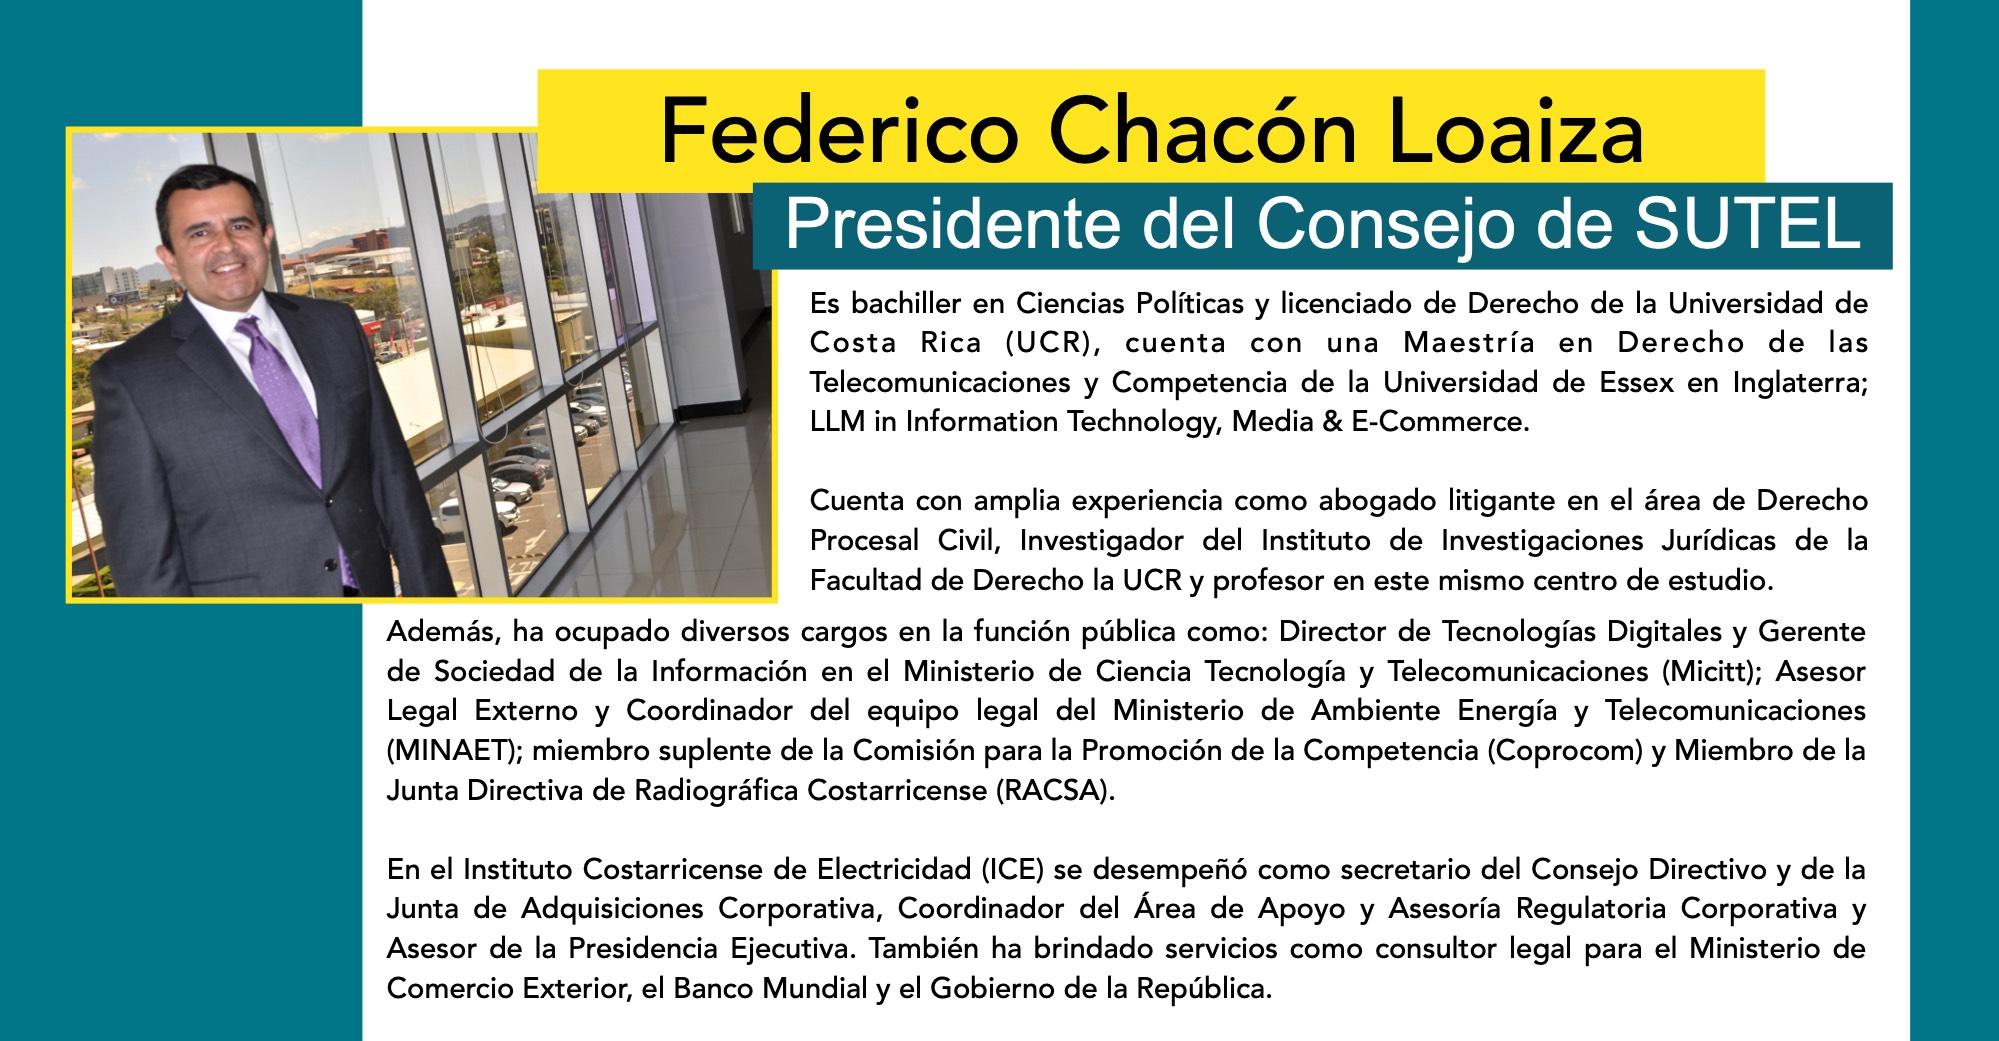 Federico Chacón, presidente del Consejo de SUTEL